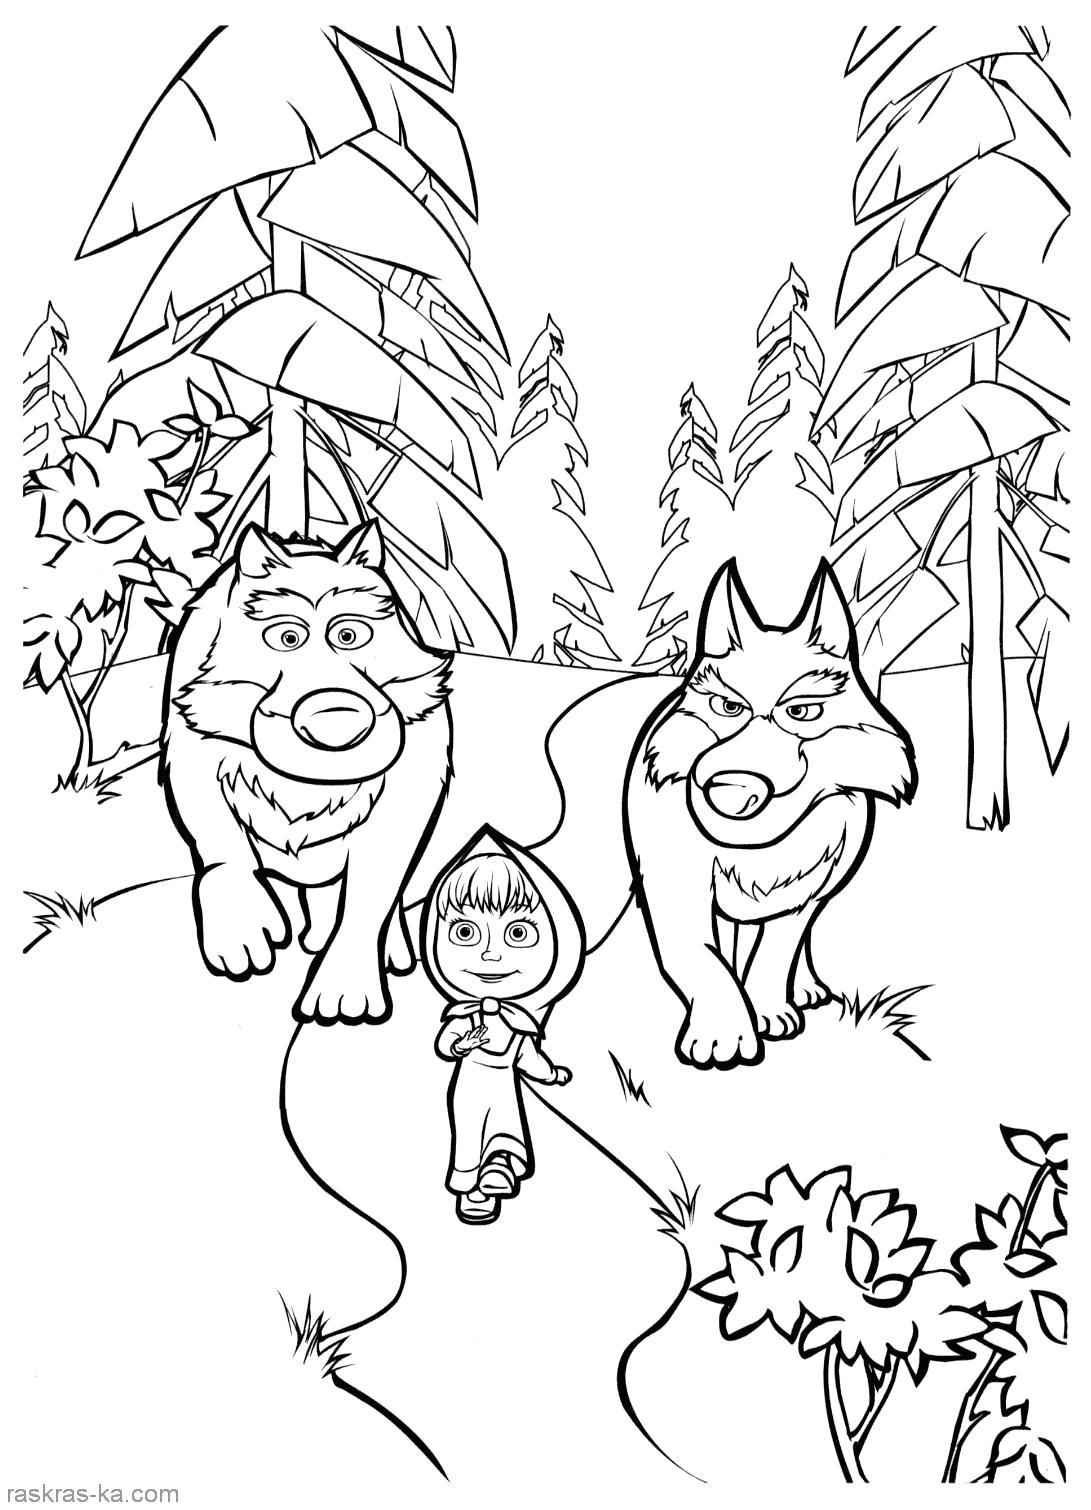 Раскраска распечатать , маша и медведь,  волки следят за машей. Скачать .  Распечатать